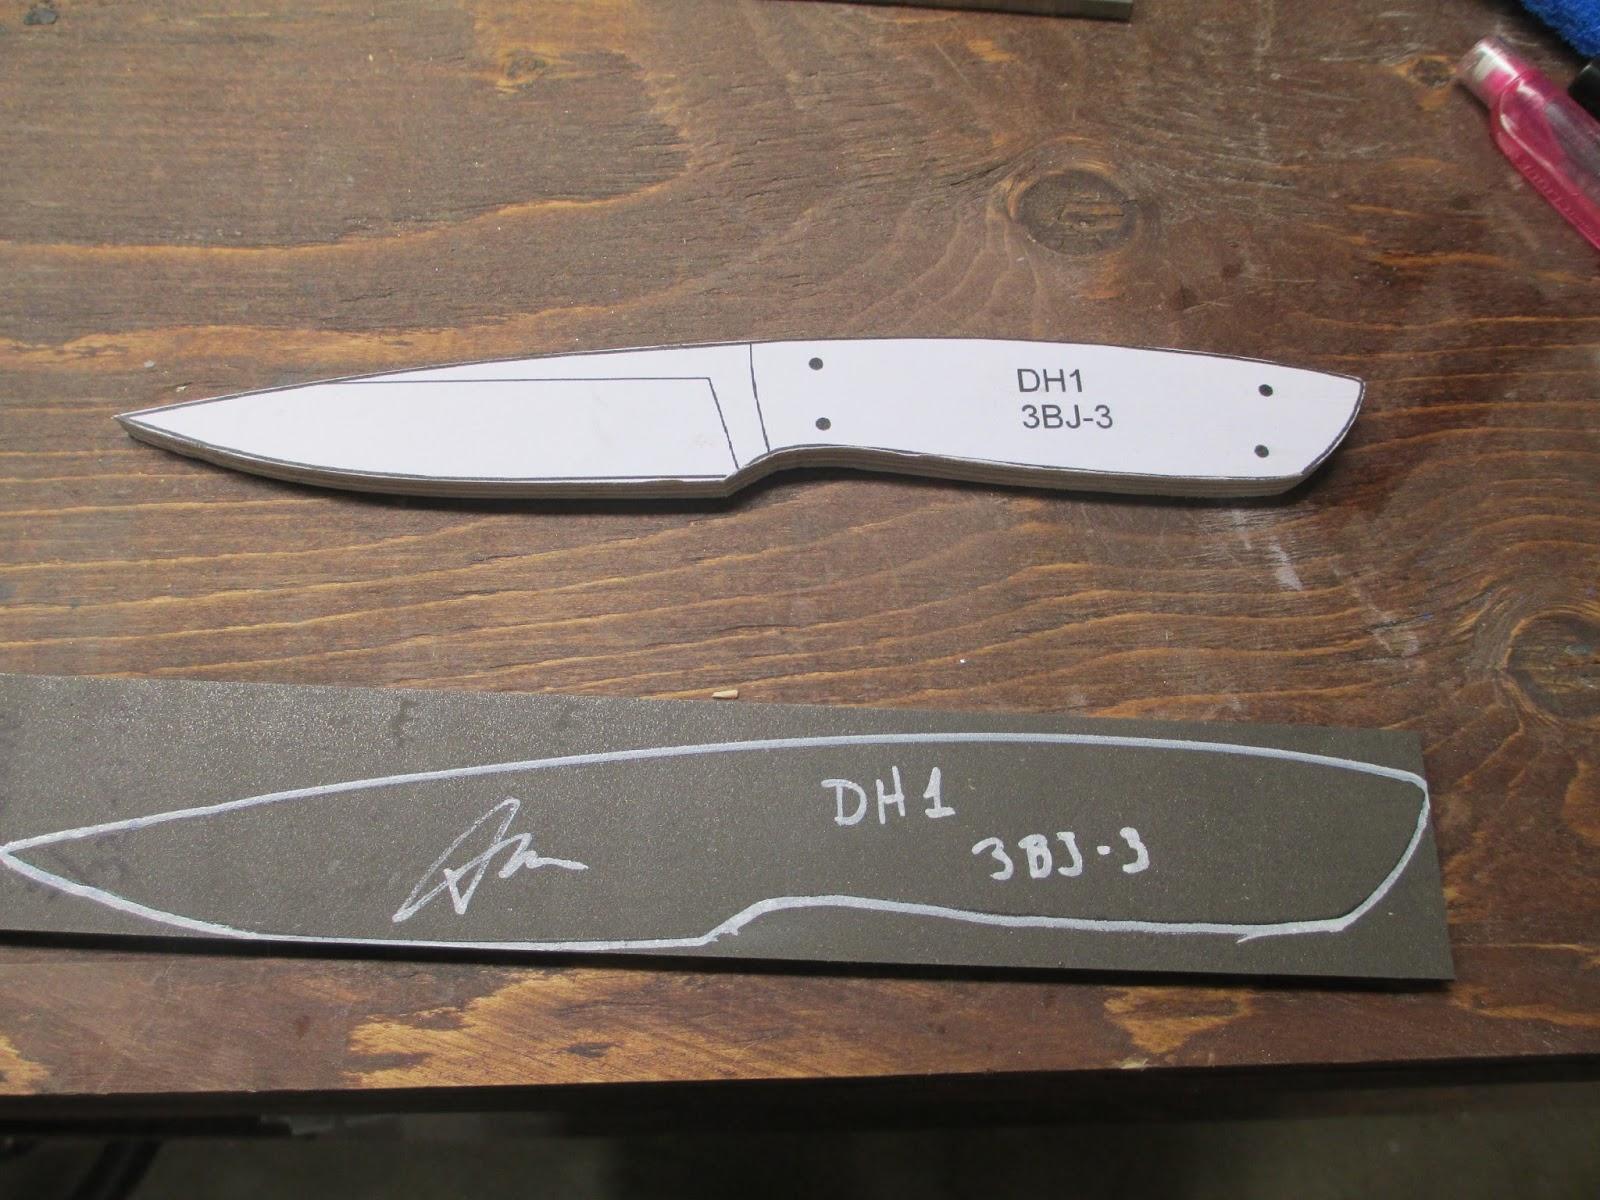 diy knifemaker 39 s info center dh1 drop point hunter. Black Bedroom Furniture Sets. Home Design Ideas